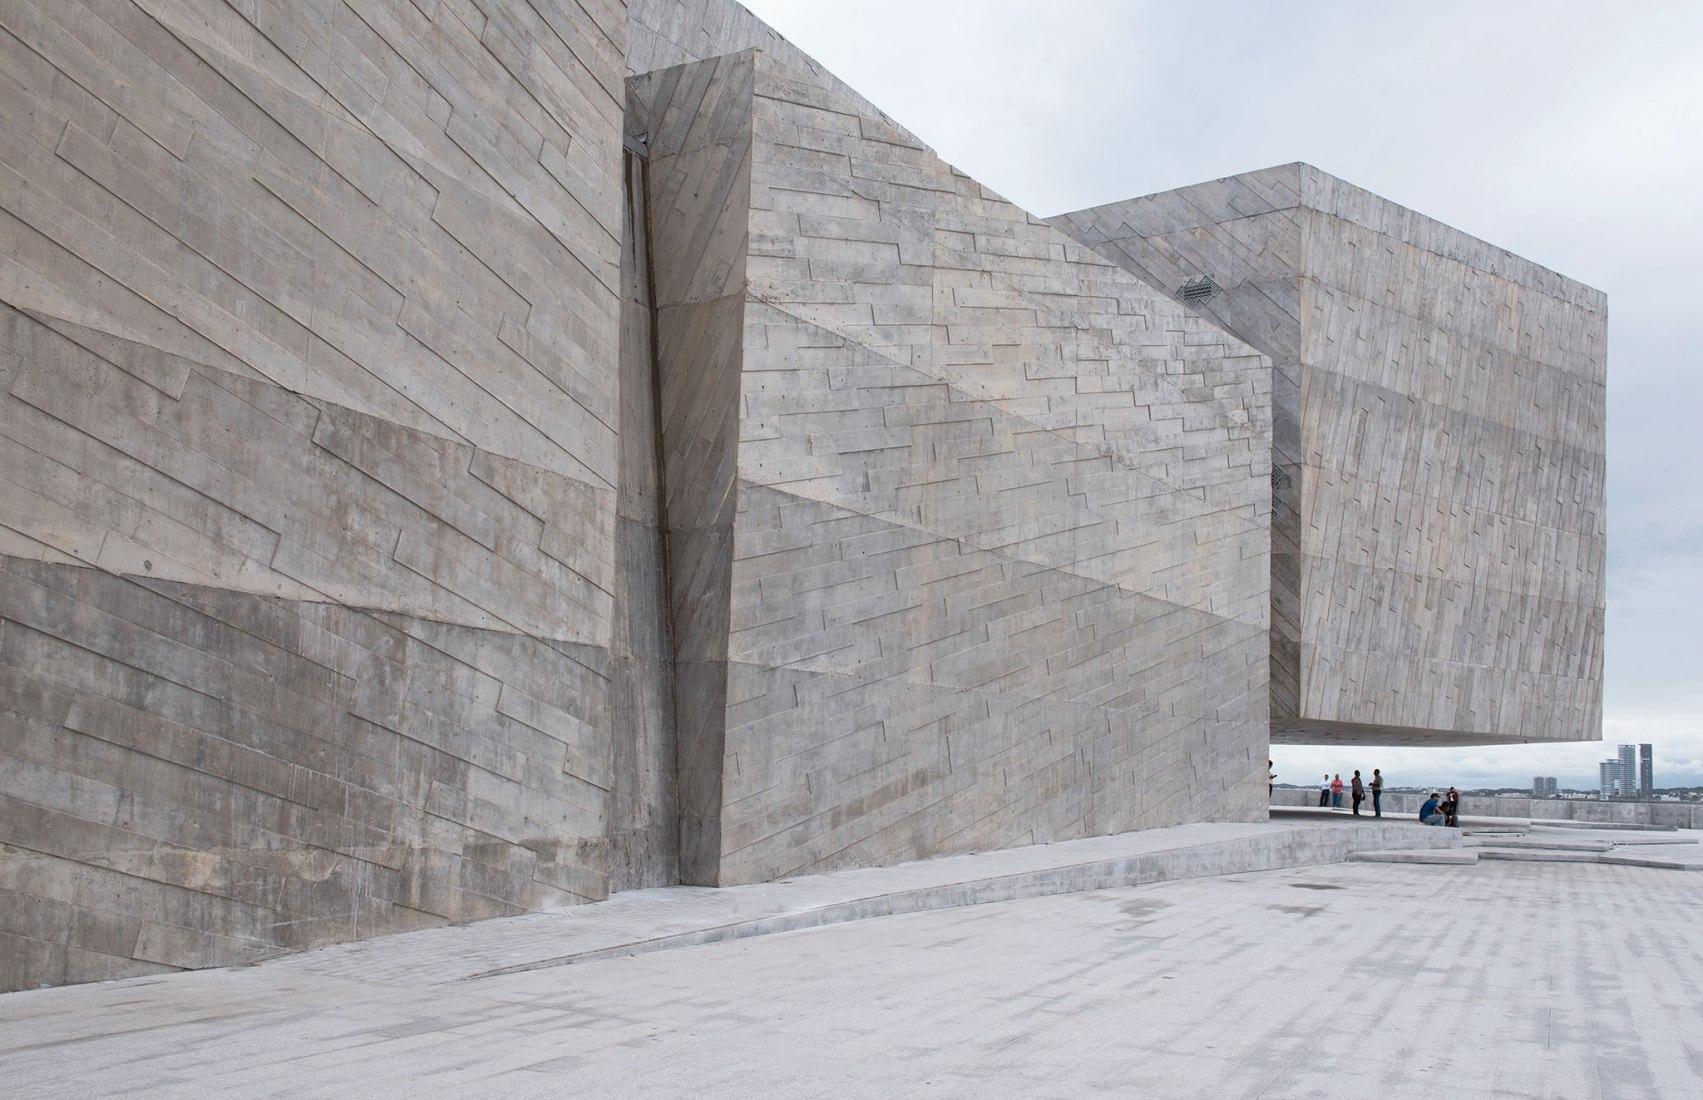 Vista desde el exterior de los volúmenes en hormigón visto. Inauguración de Foro Boca por Rojkind Arquitectos. Fotografía © Jaime Navarro